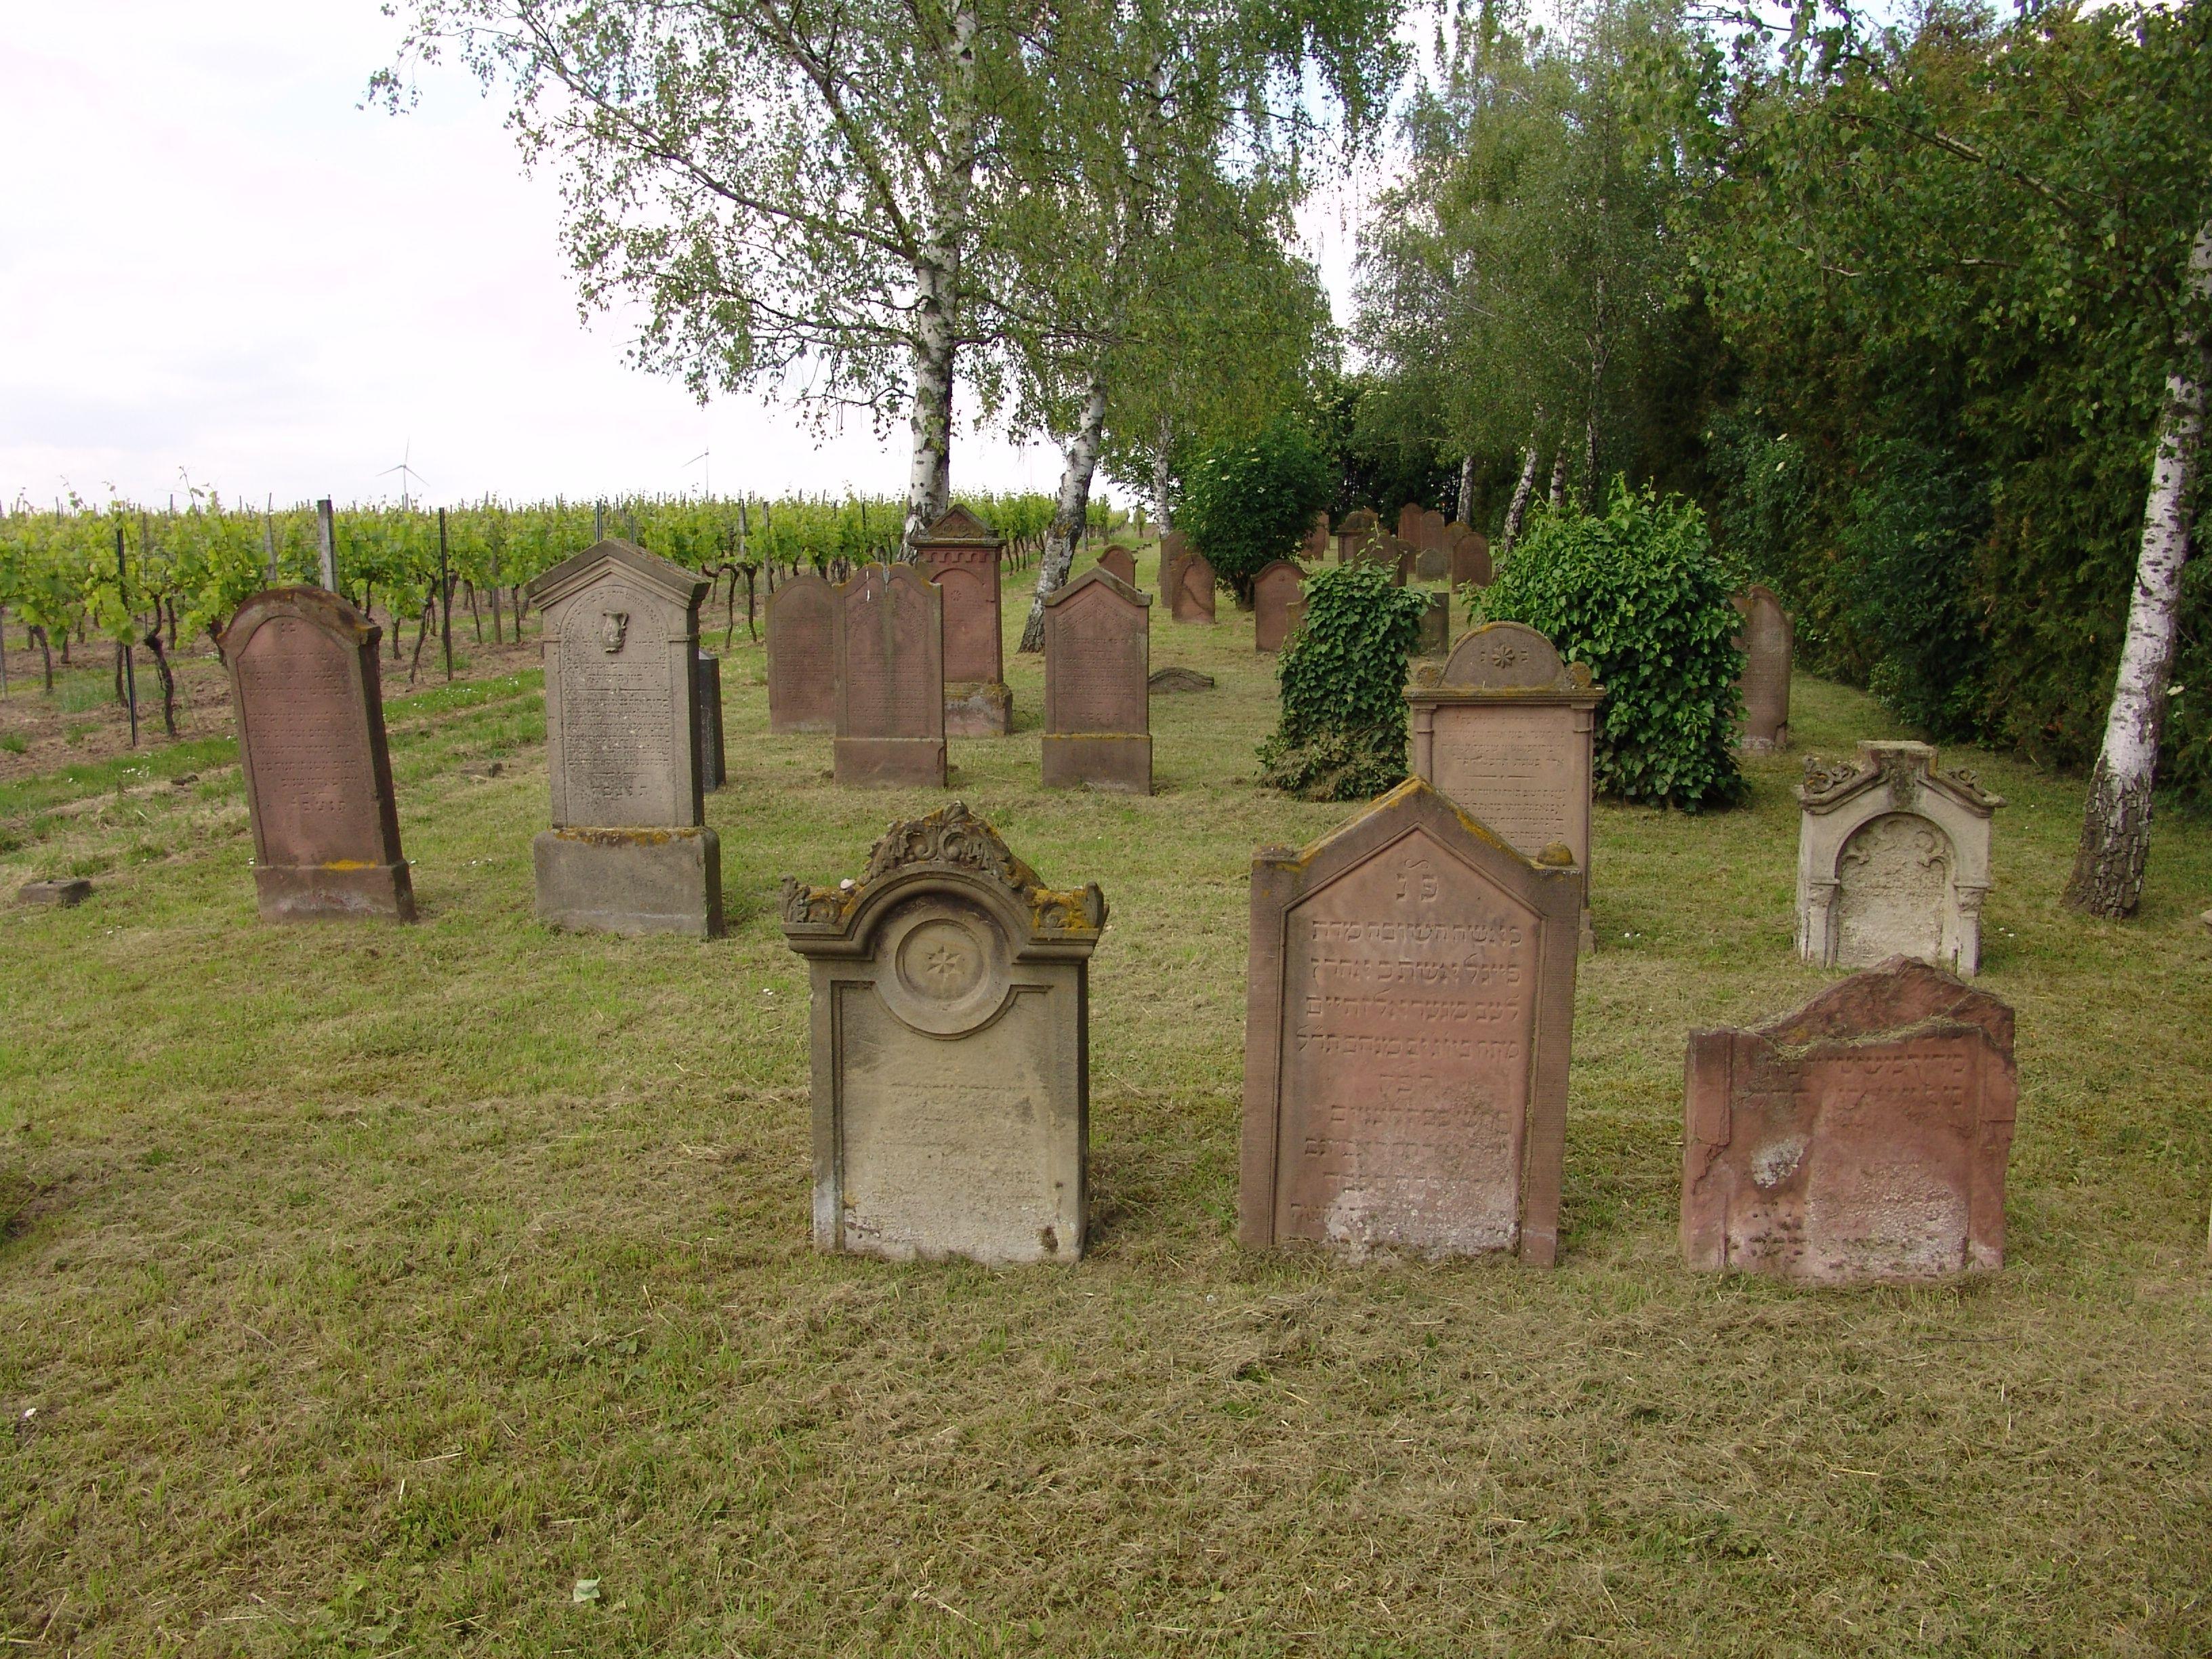 http://www.alemannia-judaica.de/images/Images%20362/Heuchelfheim%20Friedhof%20DSC04441.jpg